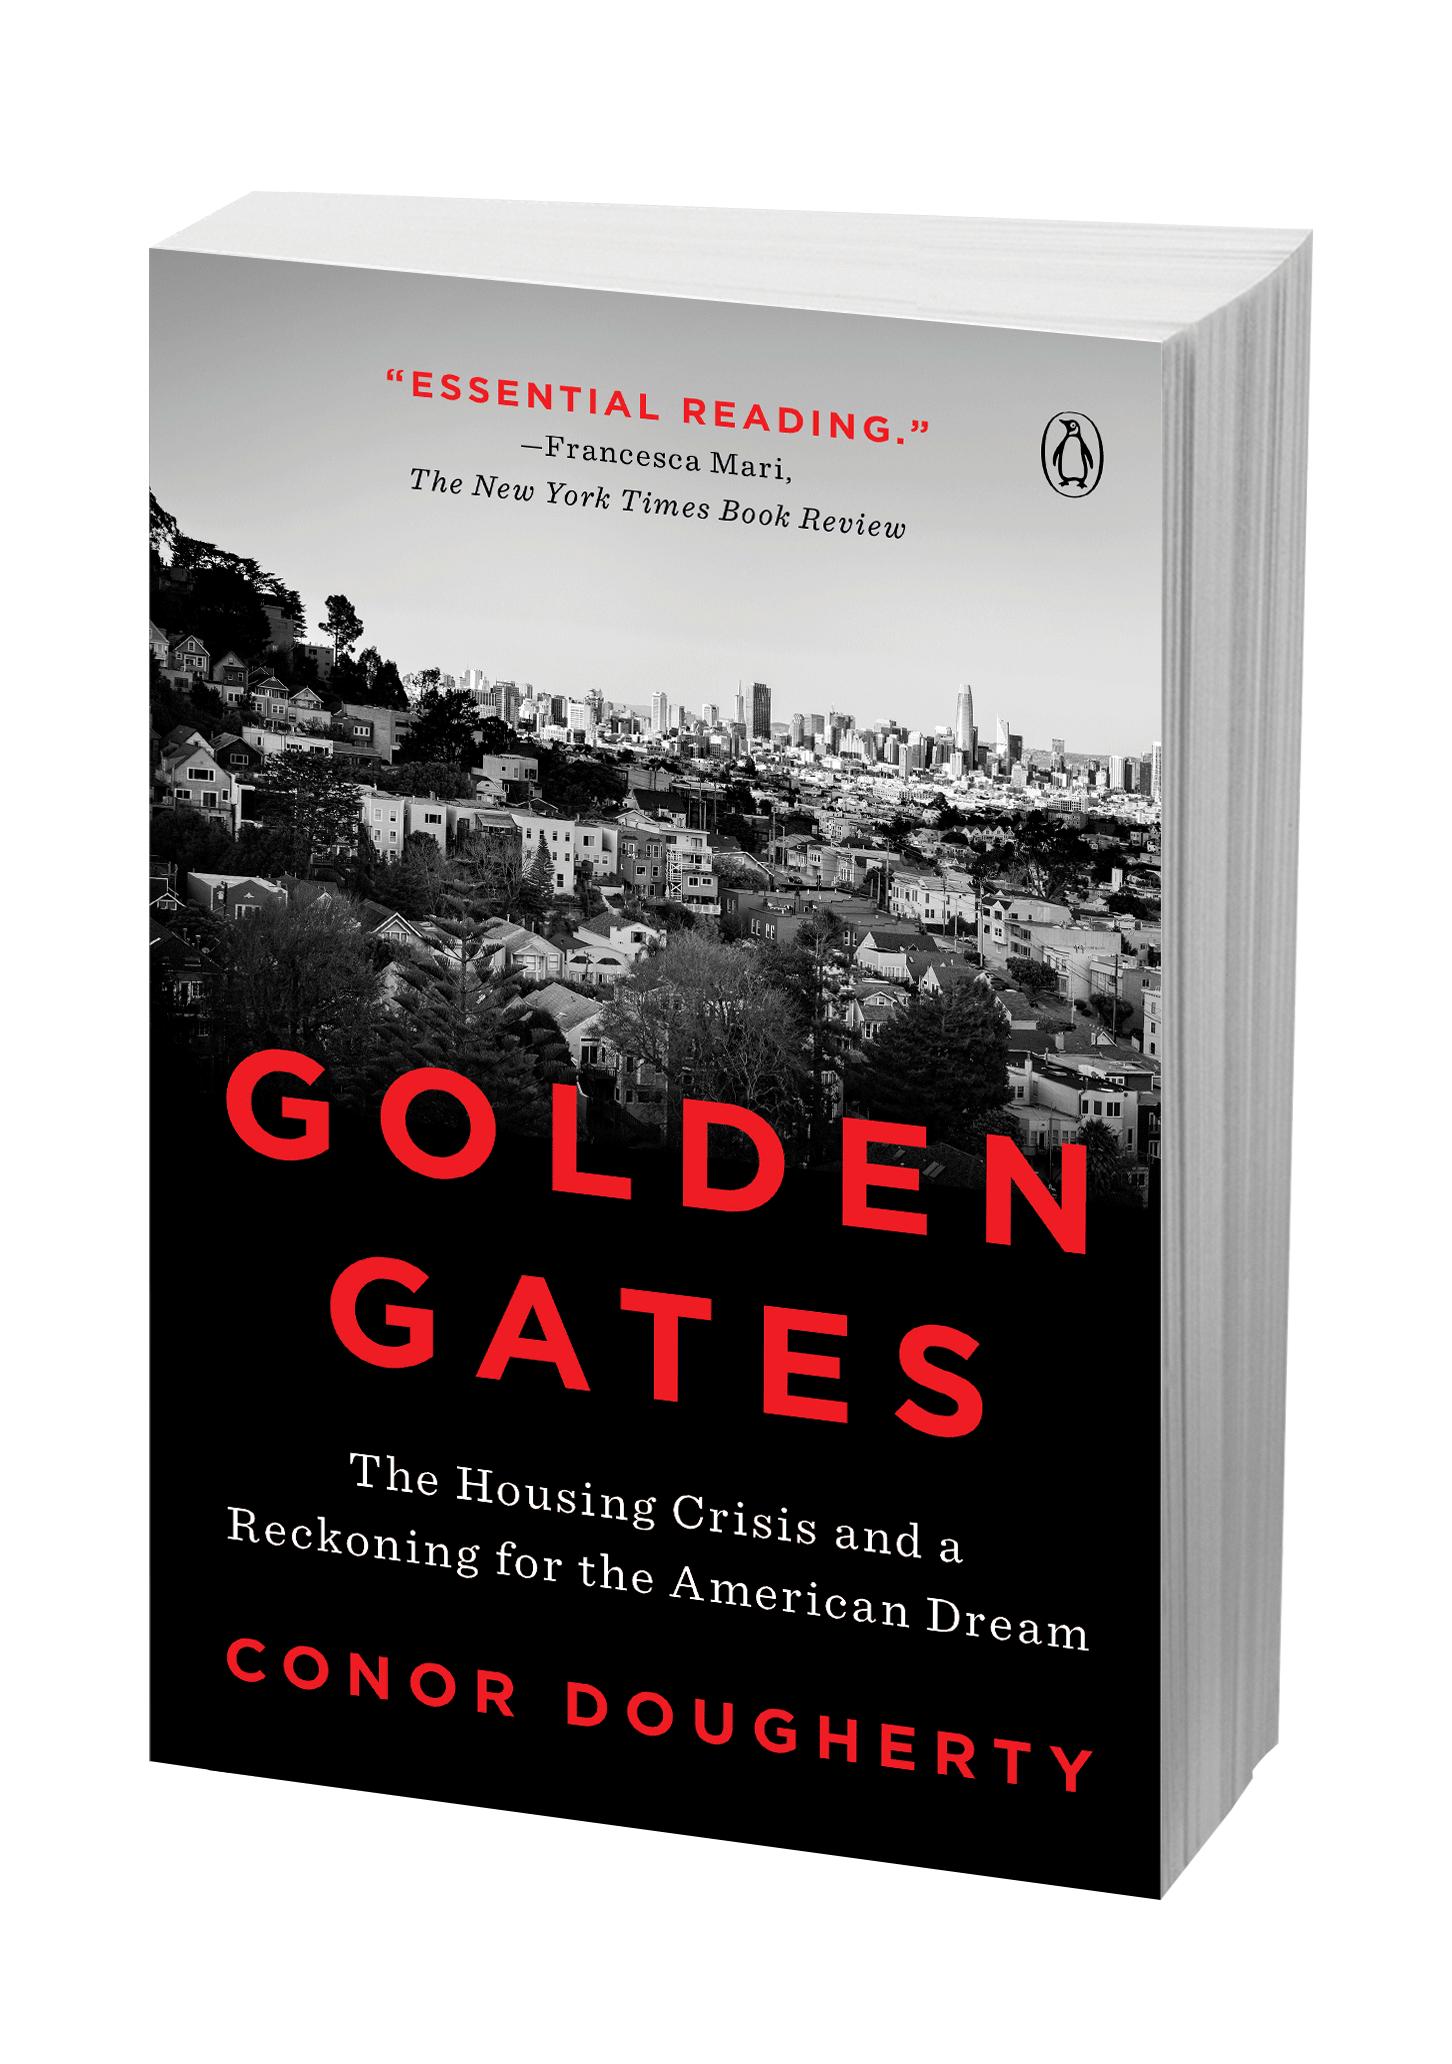 GoldenGates_PB_3D